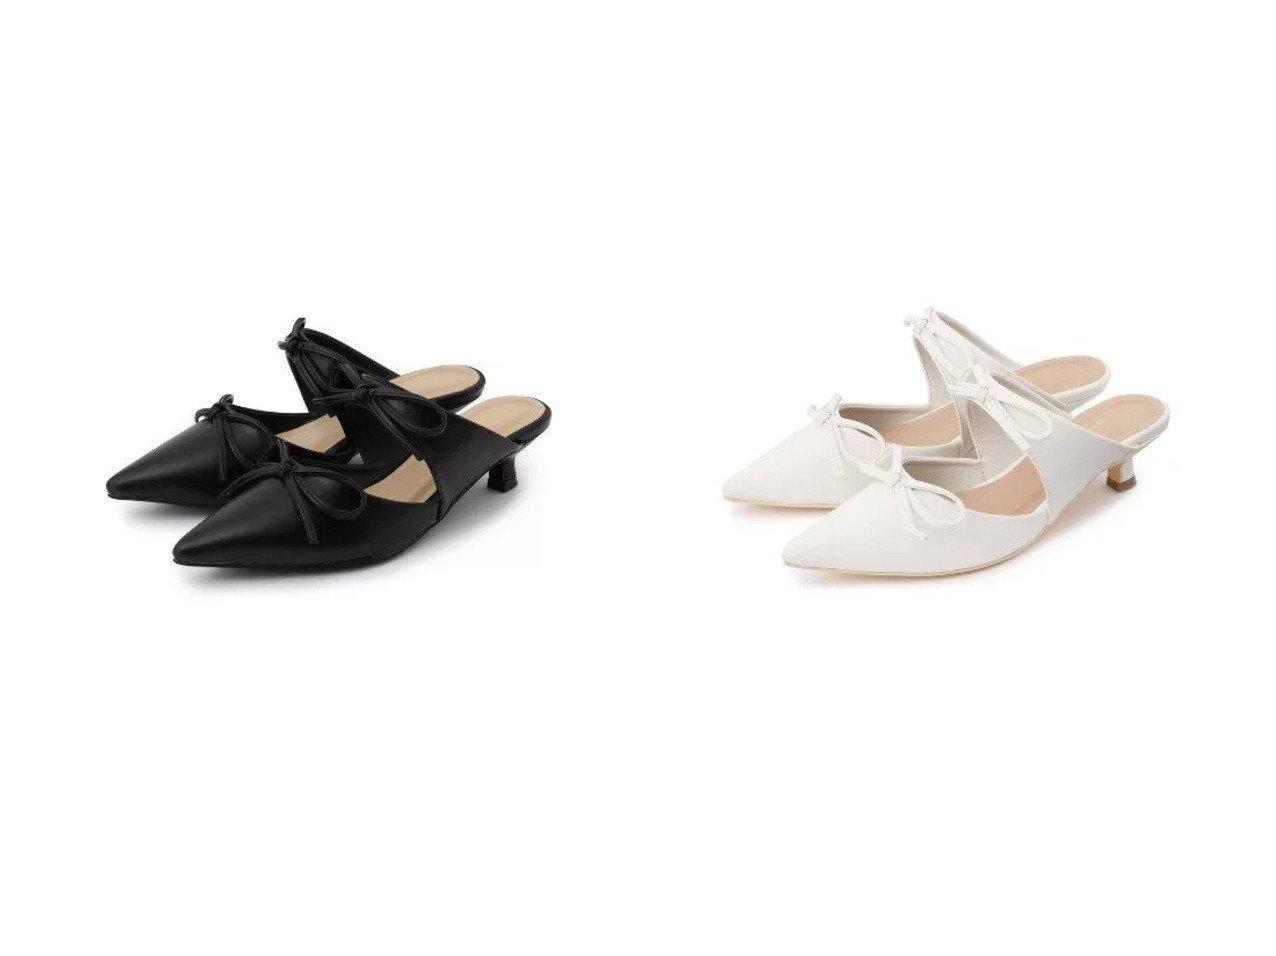 【Couture Brooch/クチュール ブローチ】のダブルリボンミュール おすすめ!人気、トレンド・レディースファッションの通販 おすすめで人気の流行・トレンド、ファッションの通販商品 インテリア・家具・メンズファッション・キッズファッション・レディースファッション・服の通販 founy(ファニー) https://founy.com/ ファッション Fashion レディースファッション WOMEN アンクル サンダル シューズ フェミニン ベーシック ミュール リボン  ID:crp329100000064045